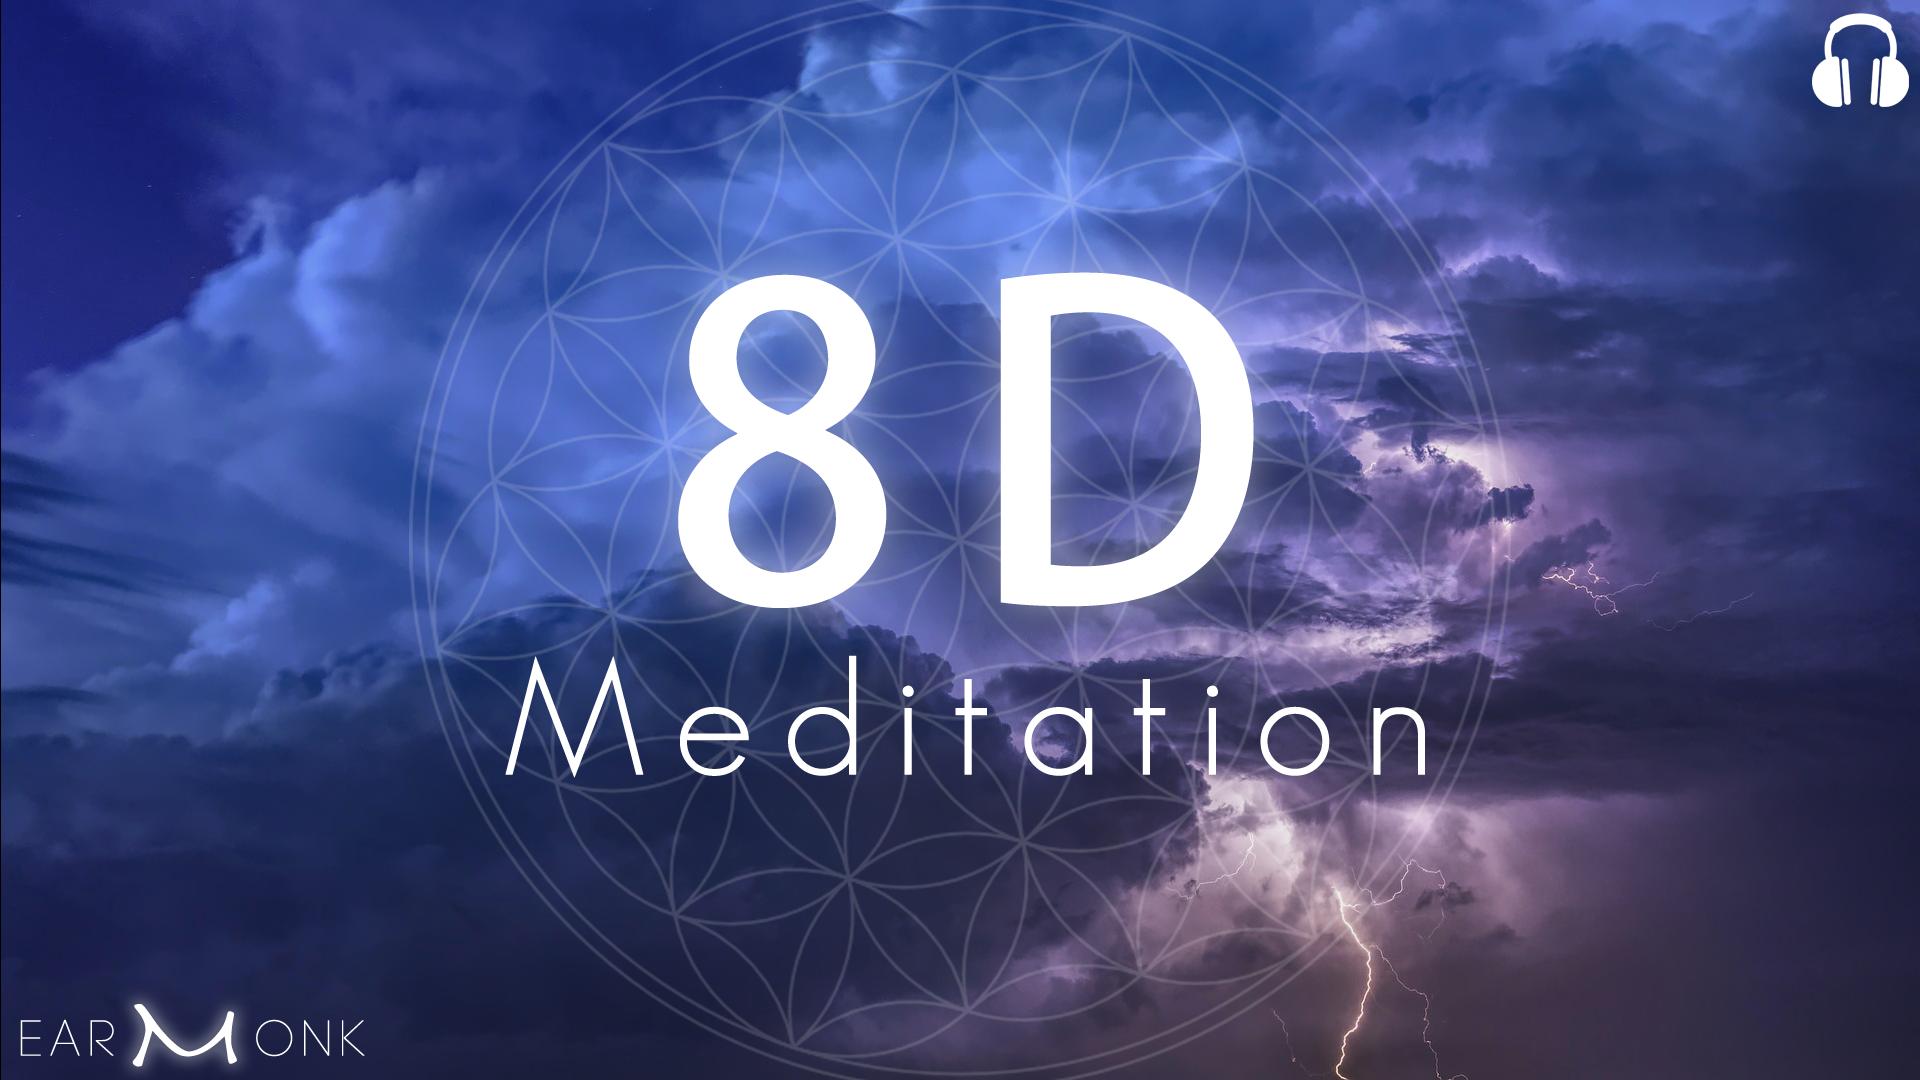 8d Meditation Music